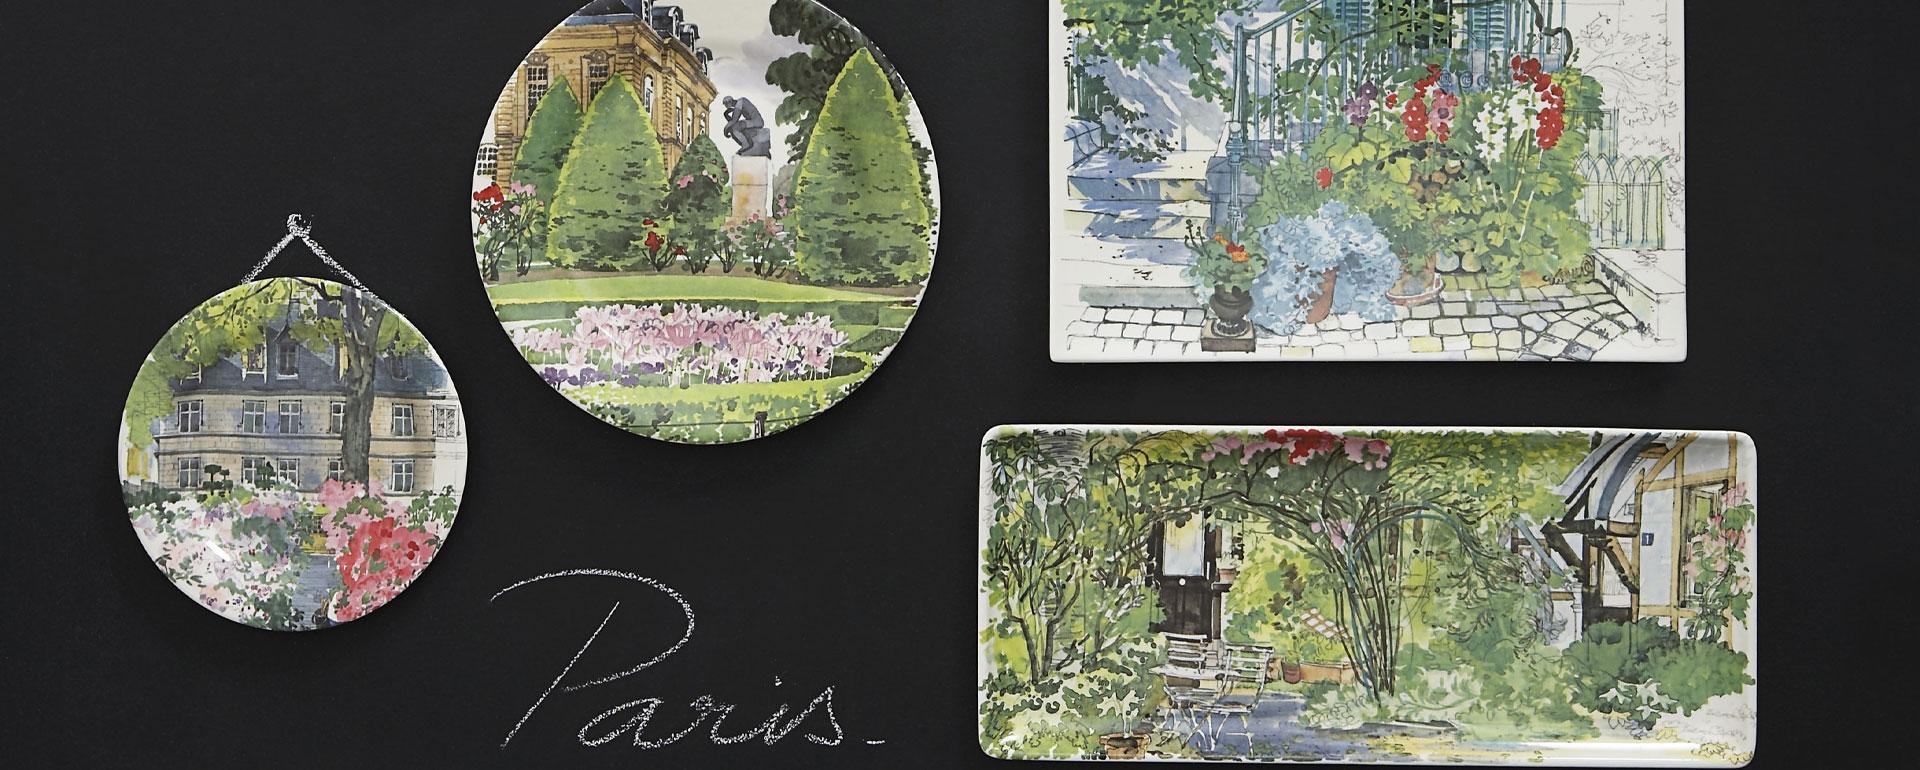 Paris à Giverny